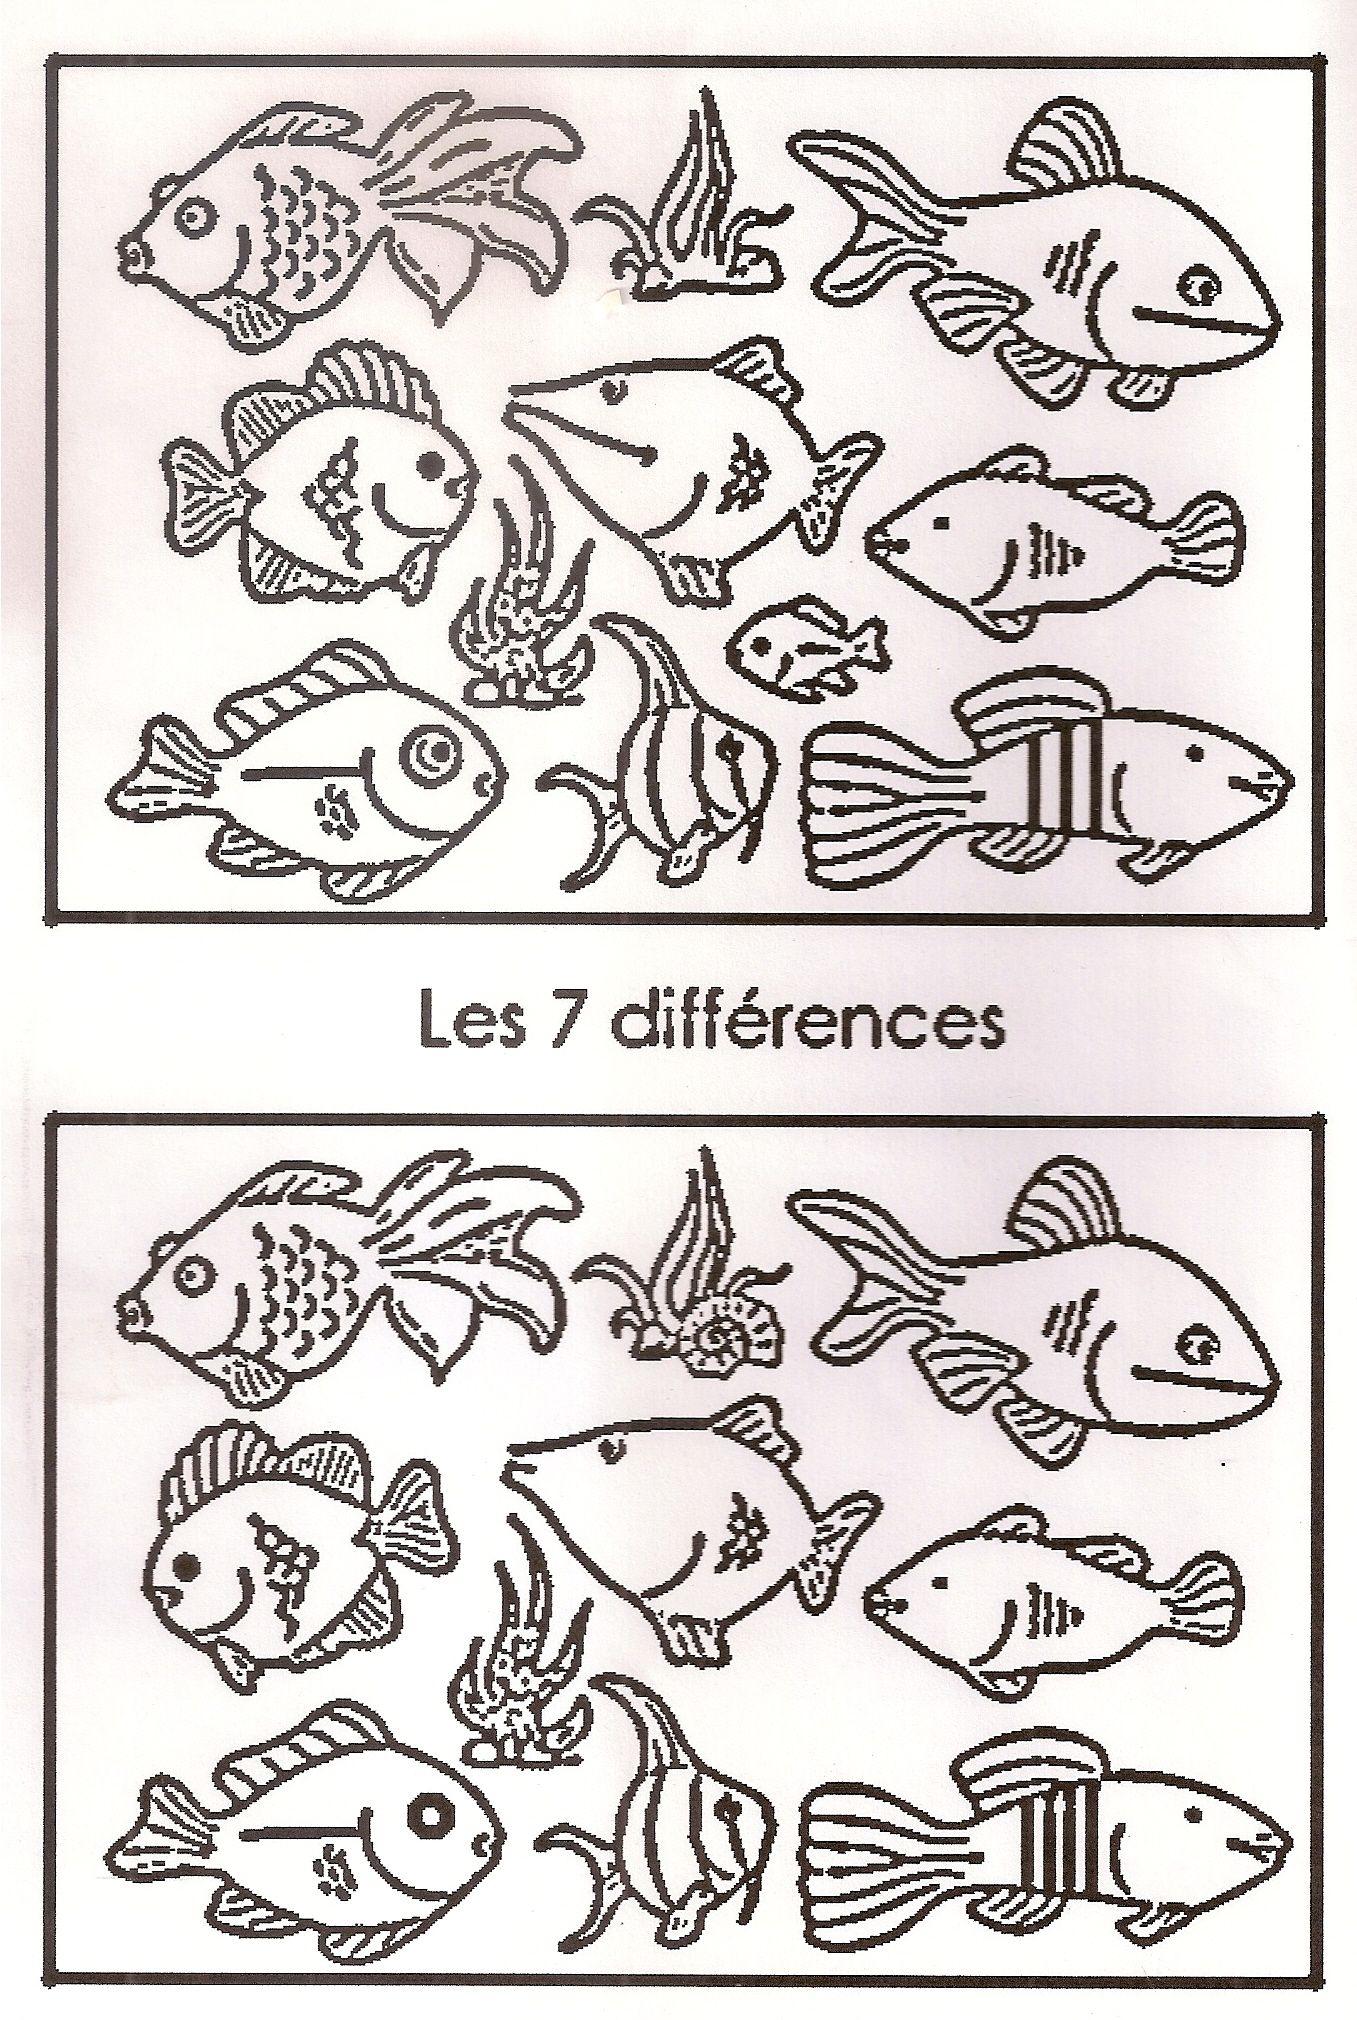 Jeu Des 7 Différences | Jeux Des 7 Erreurs, Jeux Des Erreurs encequiconcerne Trouver Les Erreurs À Imprimer